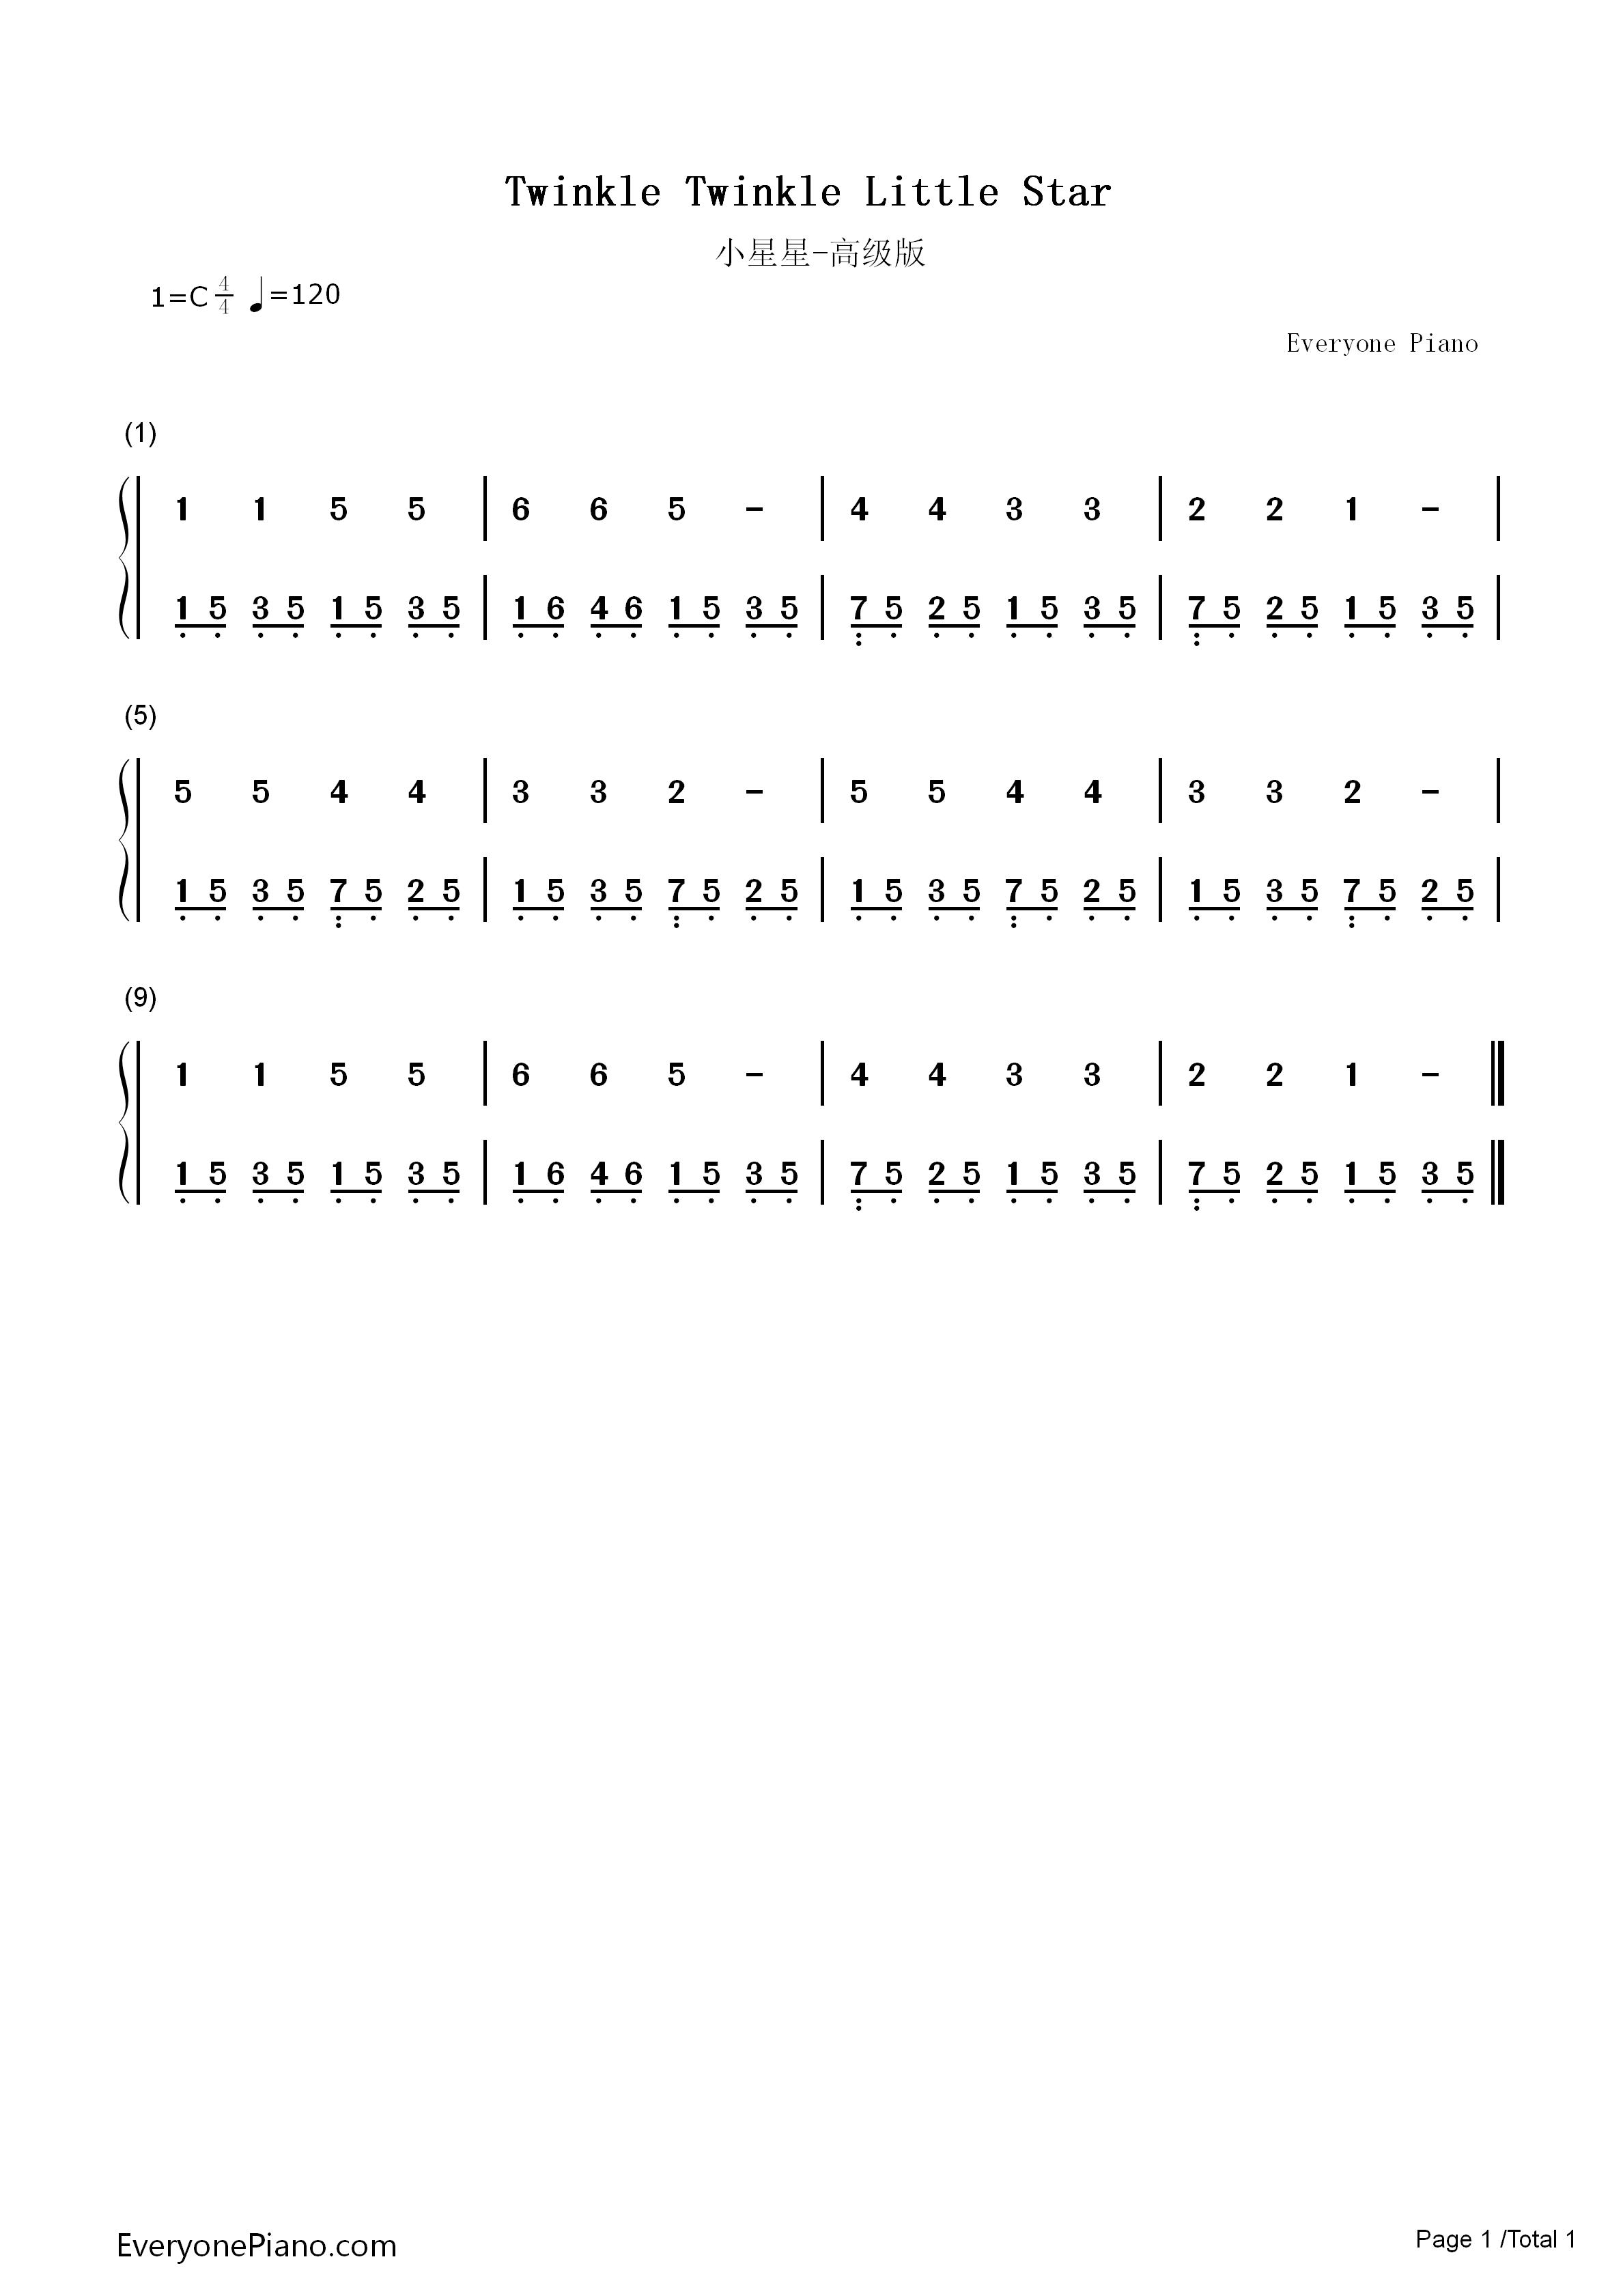 小星星高级版-eop教学曲双手简谱预览1